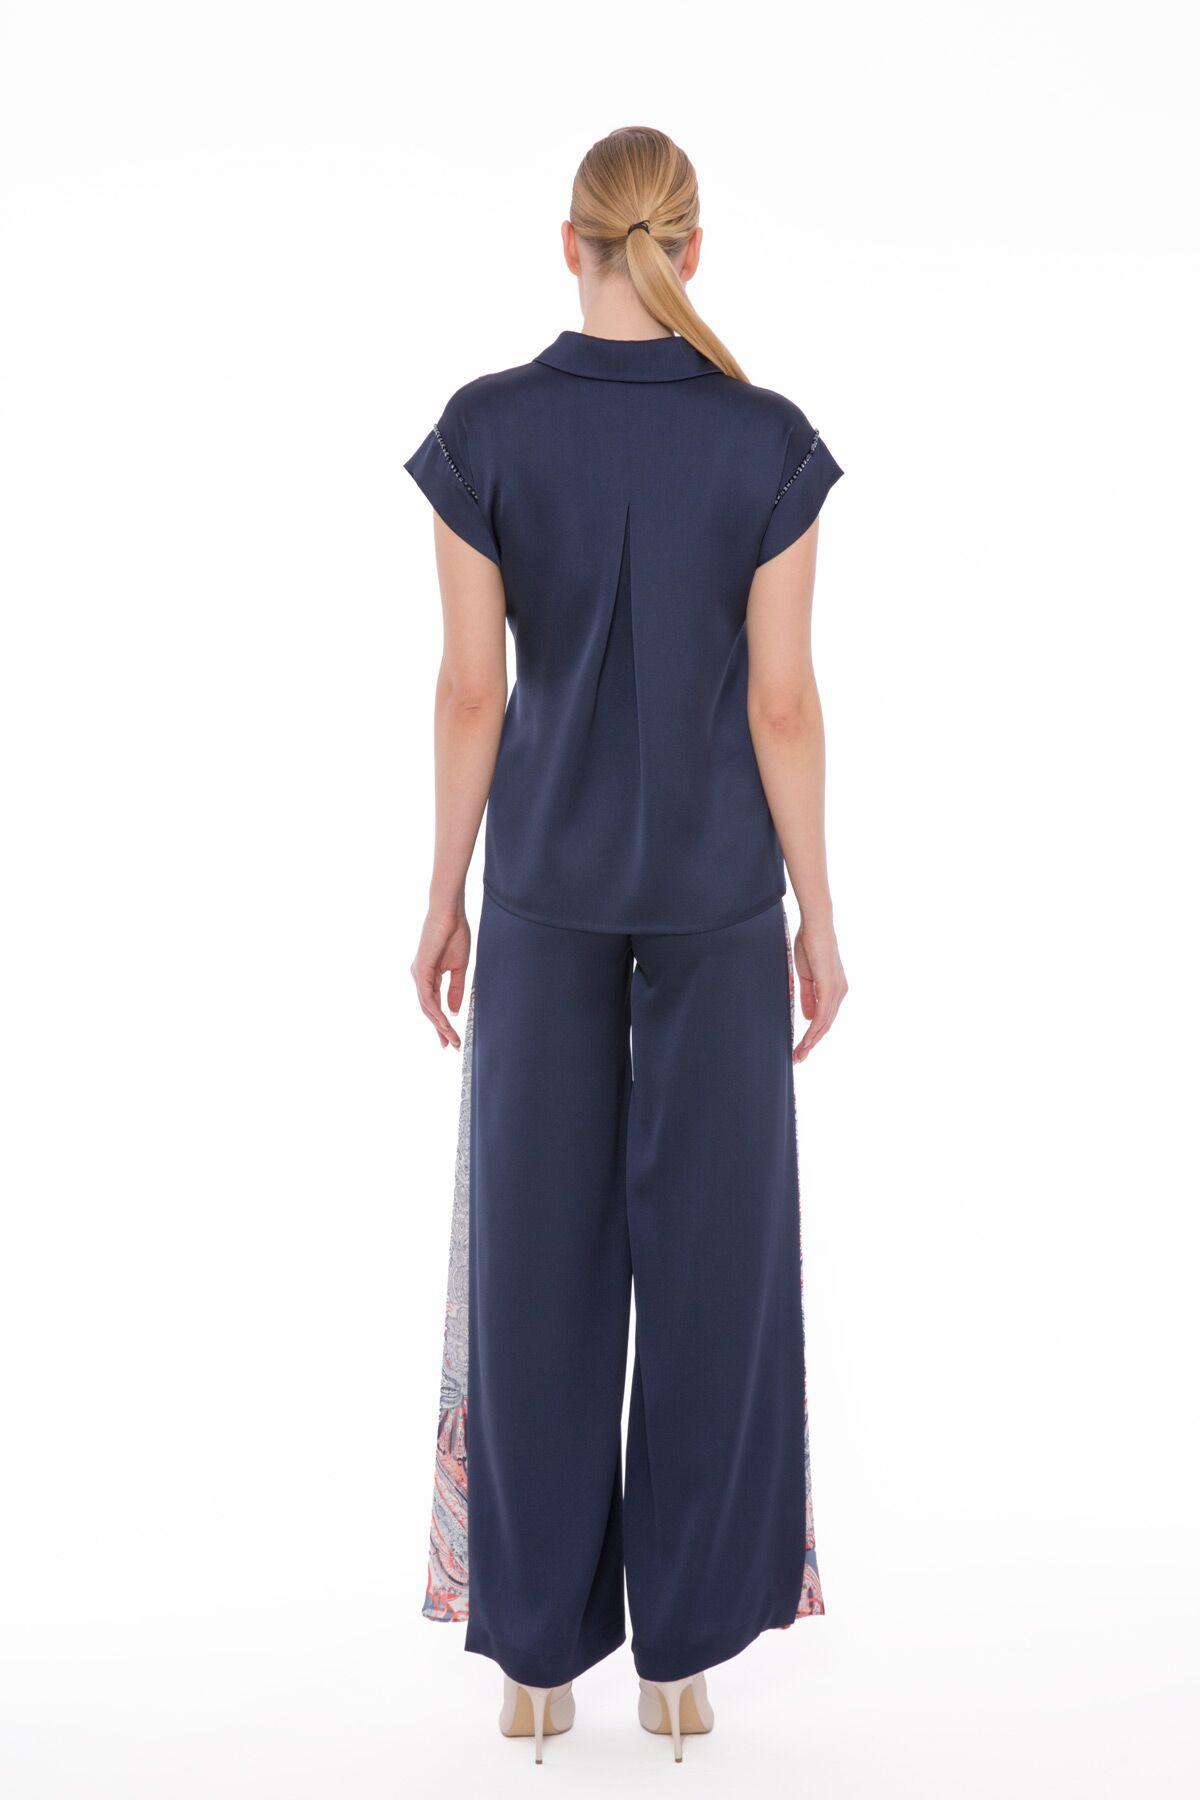 Yan Dikişi Desen Detaylı Yüksek Bel Geniş Pantolon